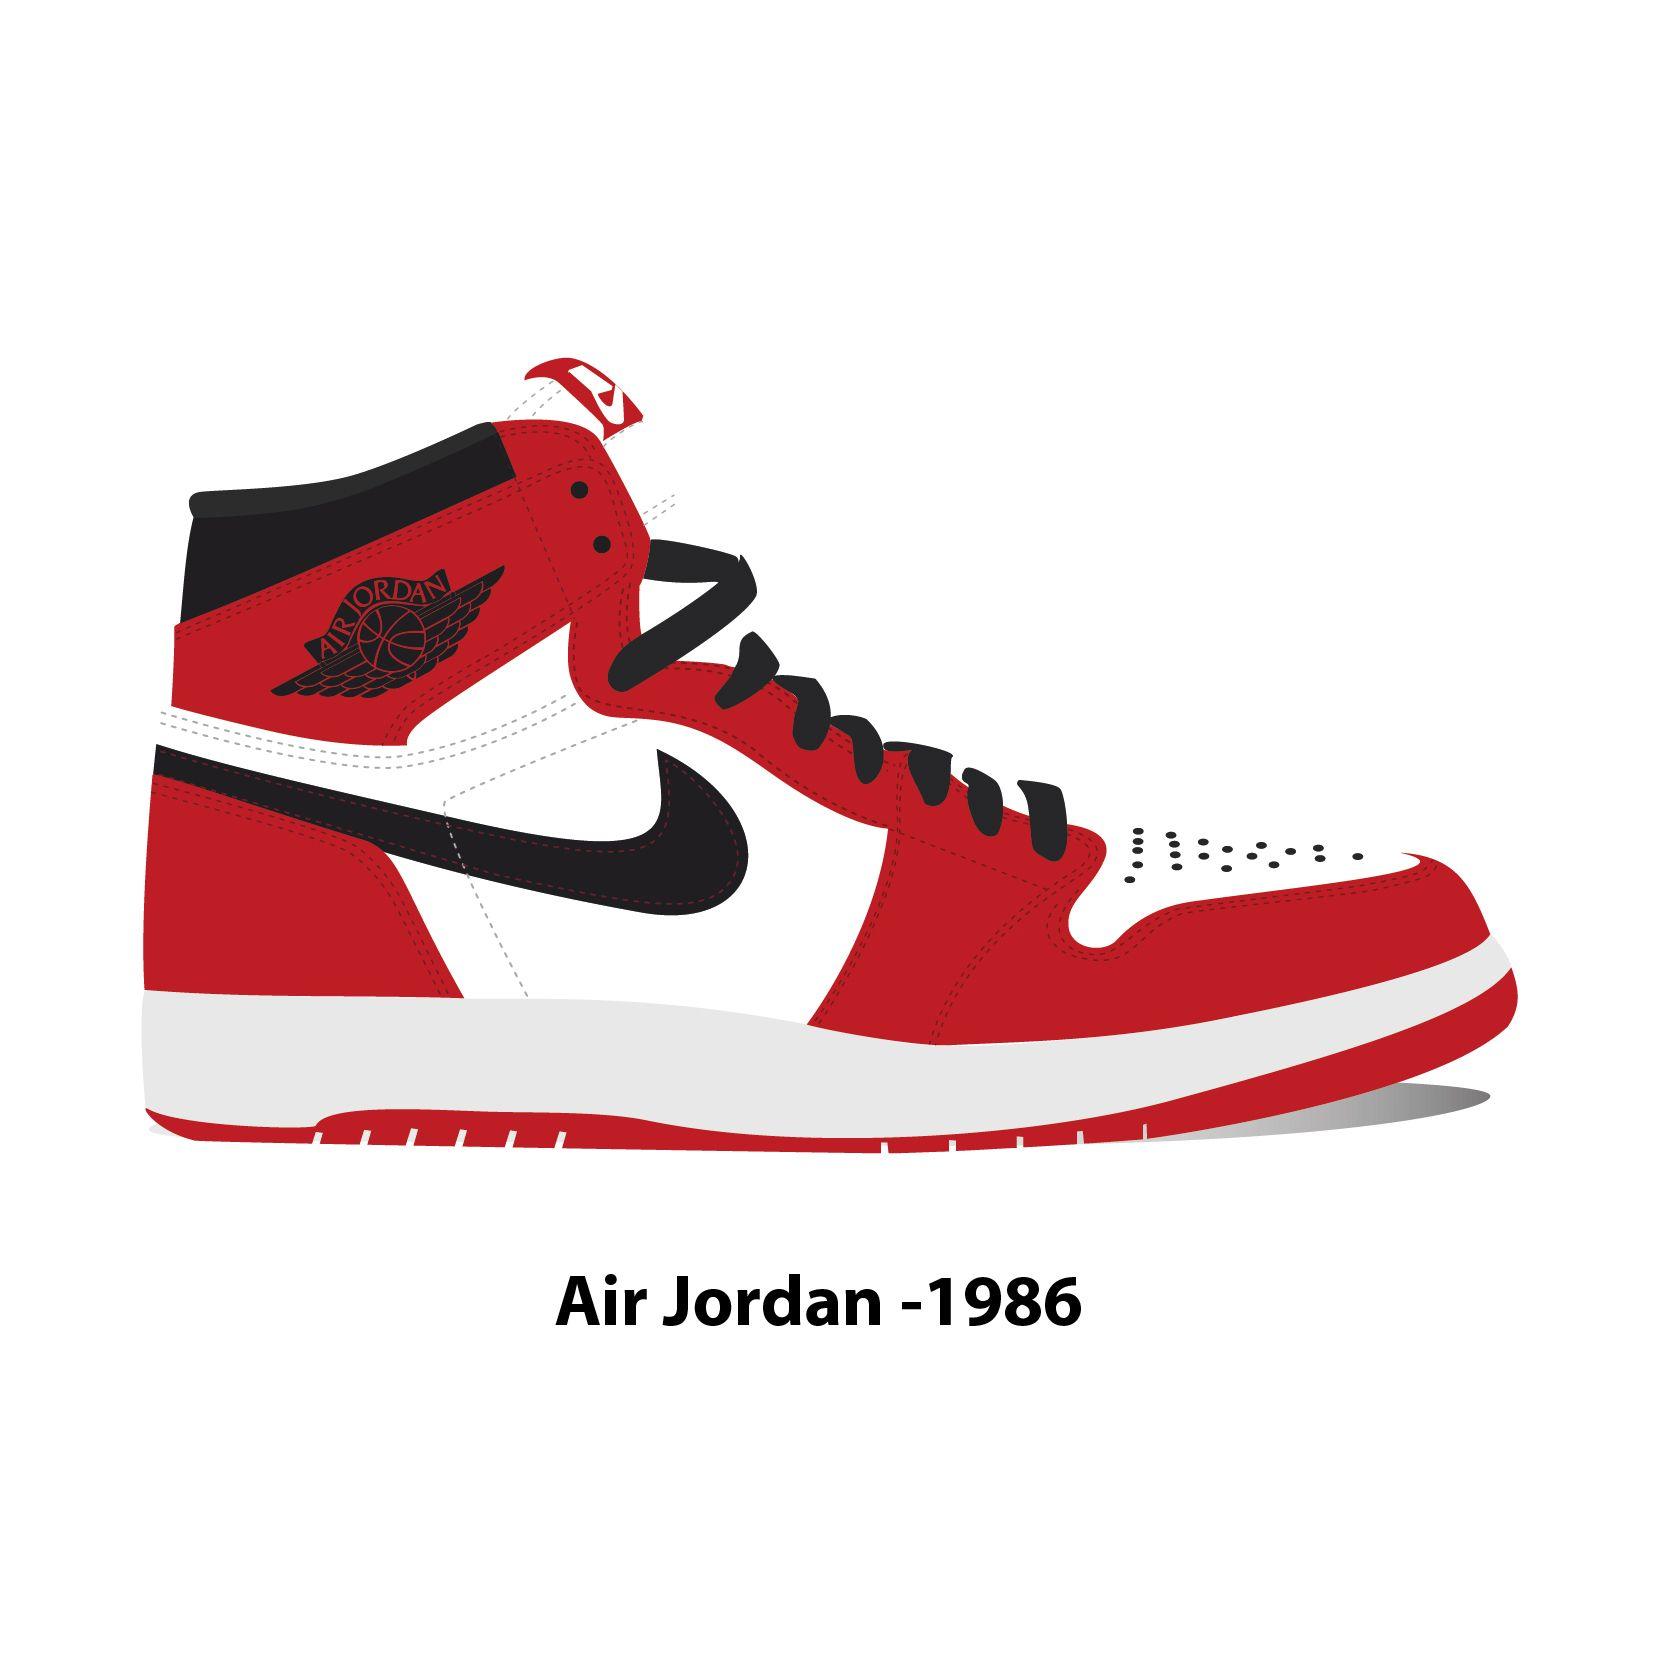 Air Jordan 1986 | Air jordans, Sneakers sketch, Sport outfit men